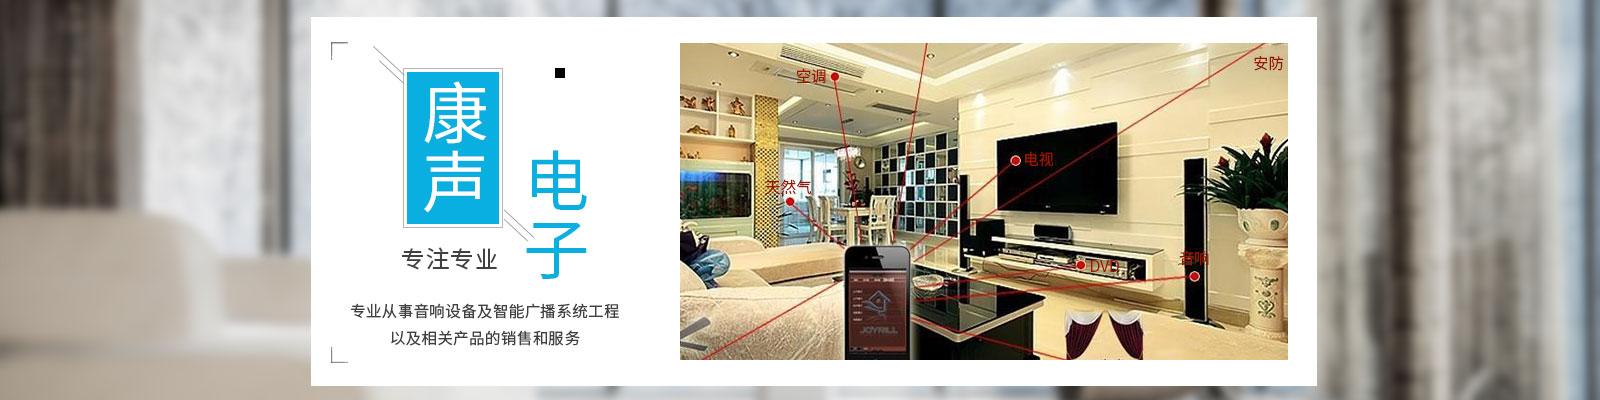 上海康声电子工程有限公司